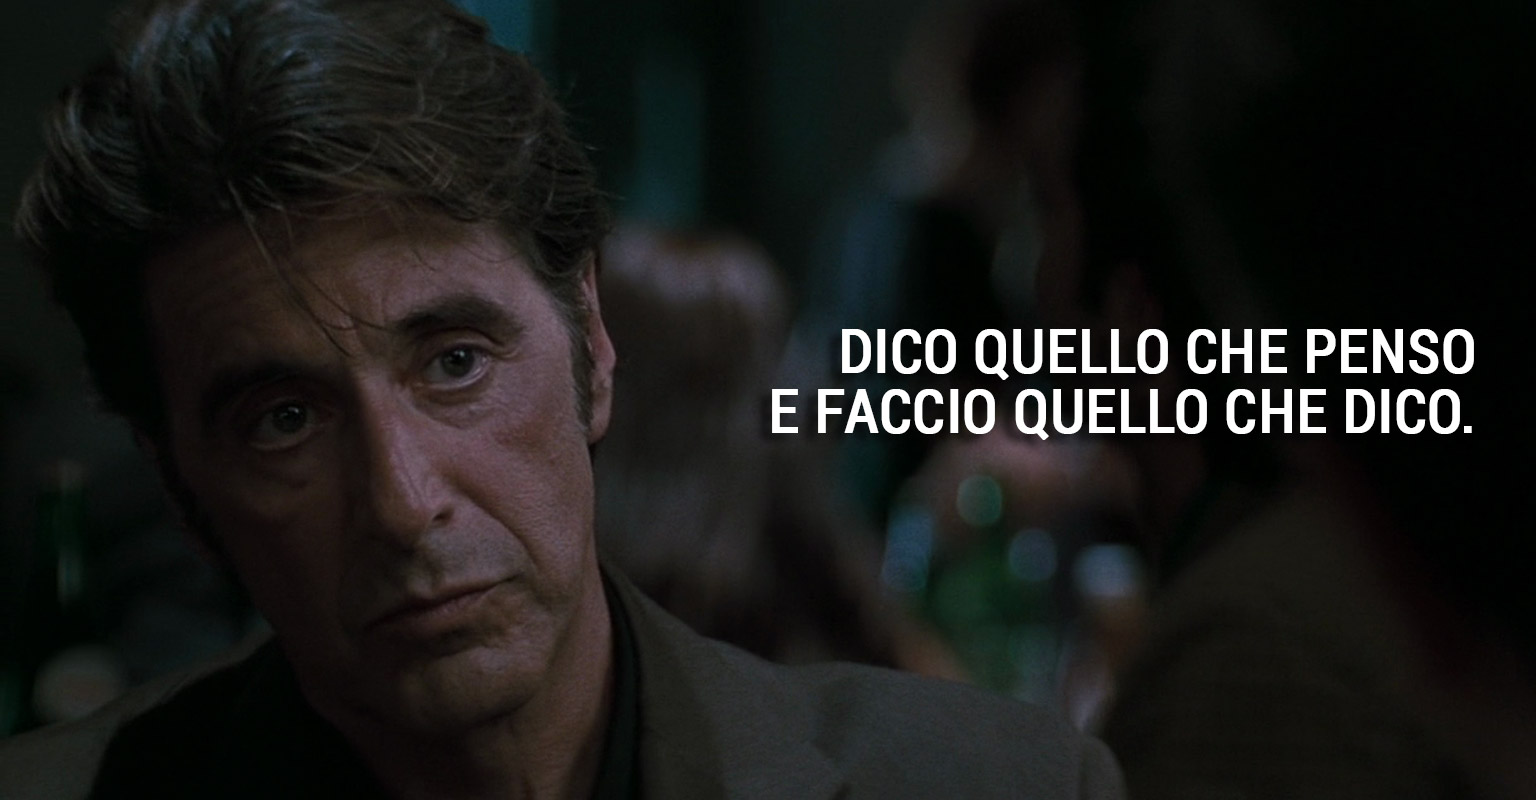 Al Pacino Per I Suoi 75 Anni Le 10 Frasi Più Belle Dei